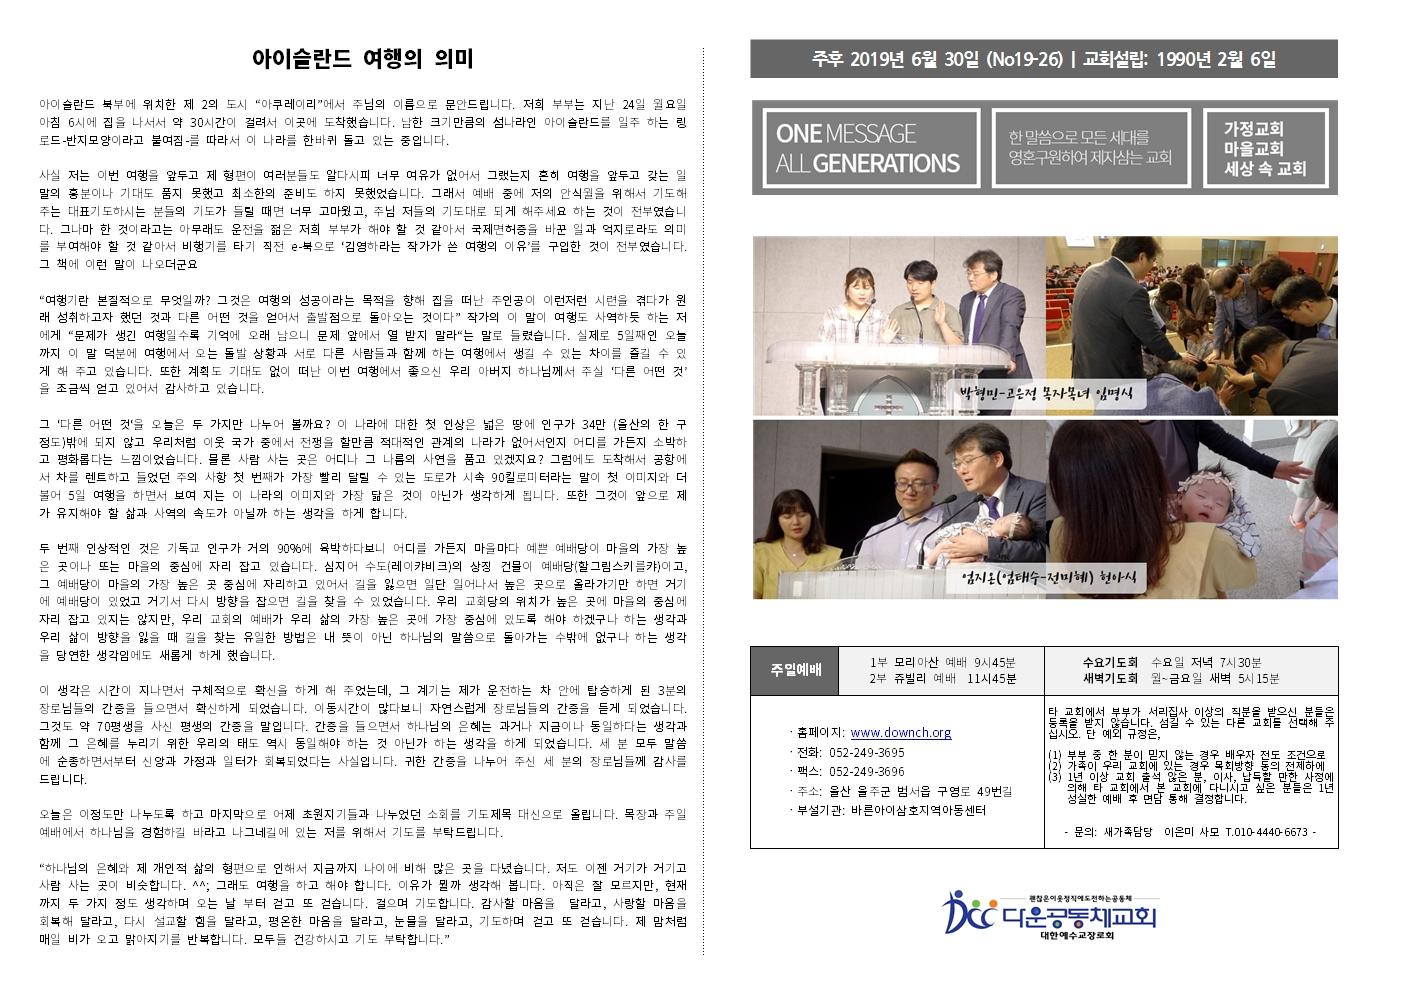 001_구영리교회주보_2019_07-08월001.jpg